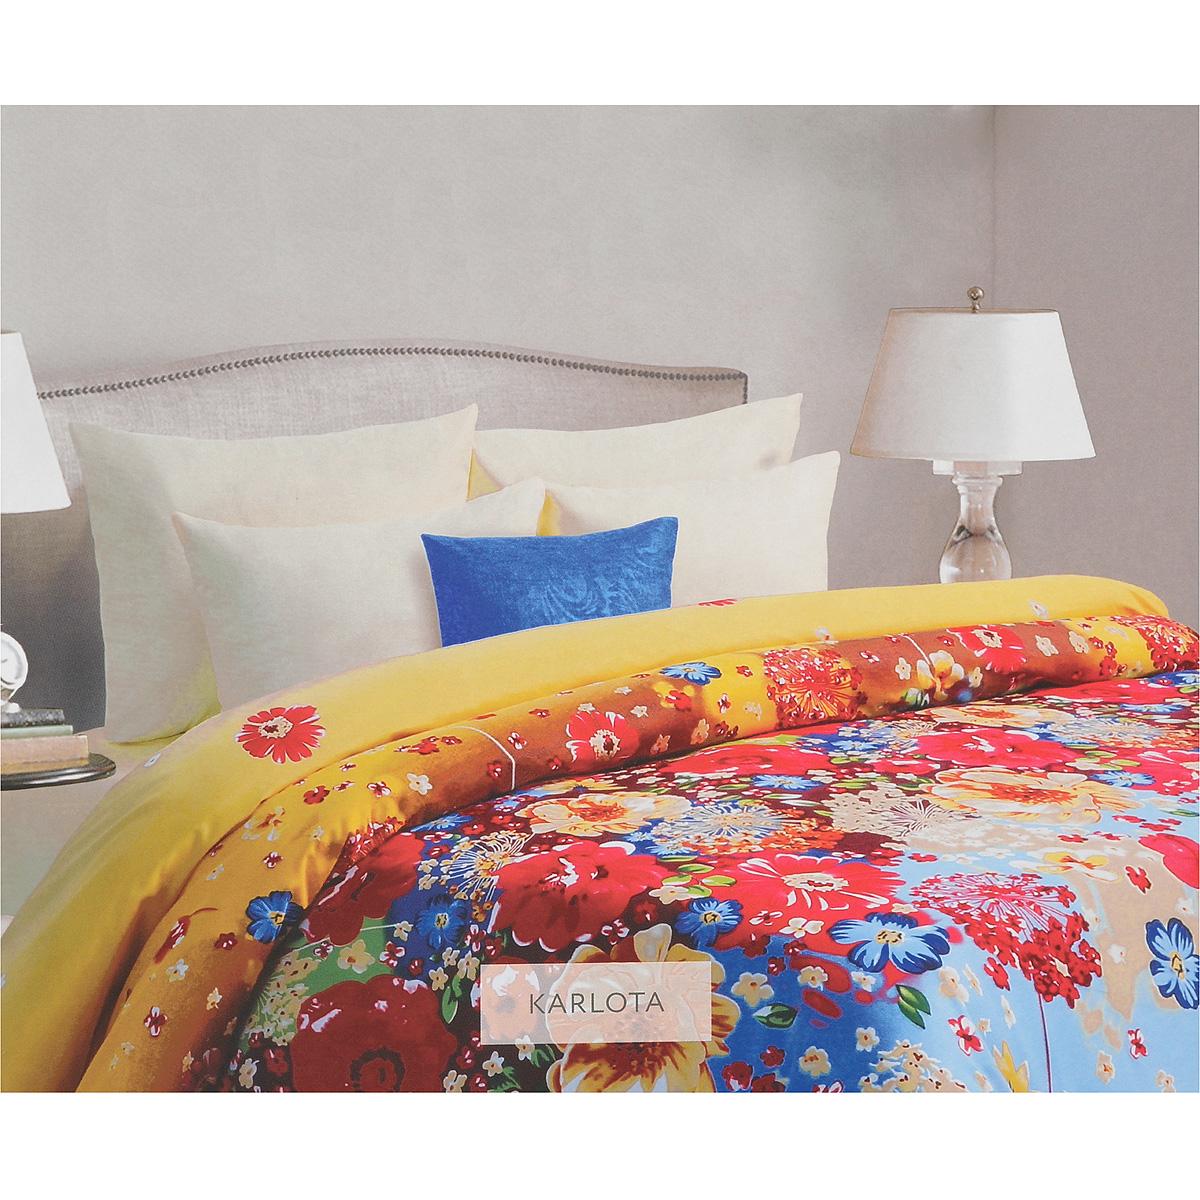 Комплект белья Mona Liza Karlota, семейный, наволочки 50х70, цвет: желтый, голубой. 562407/5562407/5Комплект белья Mona Liza Karlota, выполненный из батиста (100% хлопок), состоит из двух пододеяльников, простыни и двух наволочек. Изделия оформлены красивым цветочным рисунком. Батист - тонкая, легкая натуральная ткань полотняного переплетения. Ткань с незначительной сминаемостью, хорошо сохраняющая цвет при стирке, легкая, с прекрасными гигиеническими показателями.В комплект входит: Пододеяльник - 2 шт. Размер: 145 см х 210 см. Простыня - 1 шт. Размер: 215 см х 240 см. Наволочка - 2 шт. Размер: 50 см х 70 см. Рекомендации по уходу: - Ручная и машинная стирка 40°С, - Гладить при температуре не более 150°С, - Не использовать хлорсодержащие средства, - Щадящая сушка, - Не подвергать химчистке.